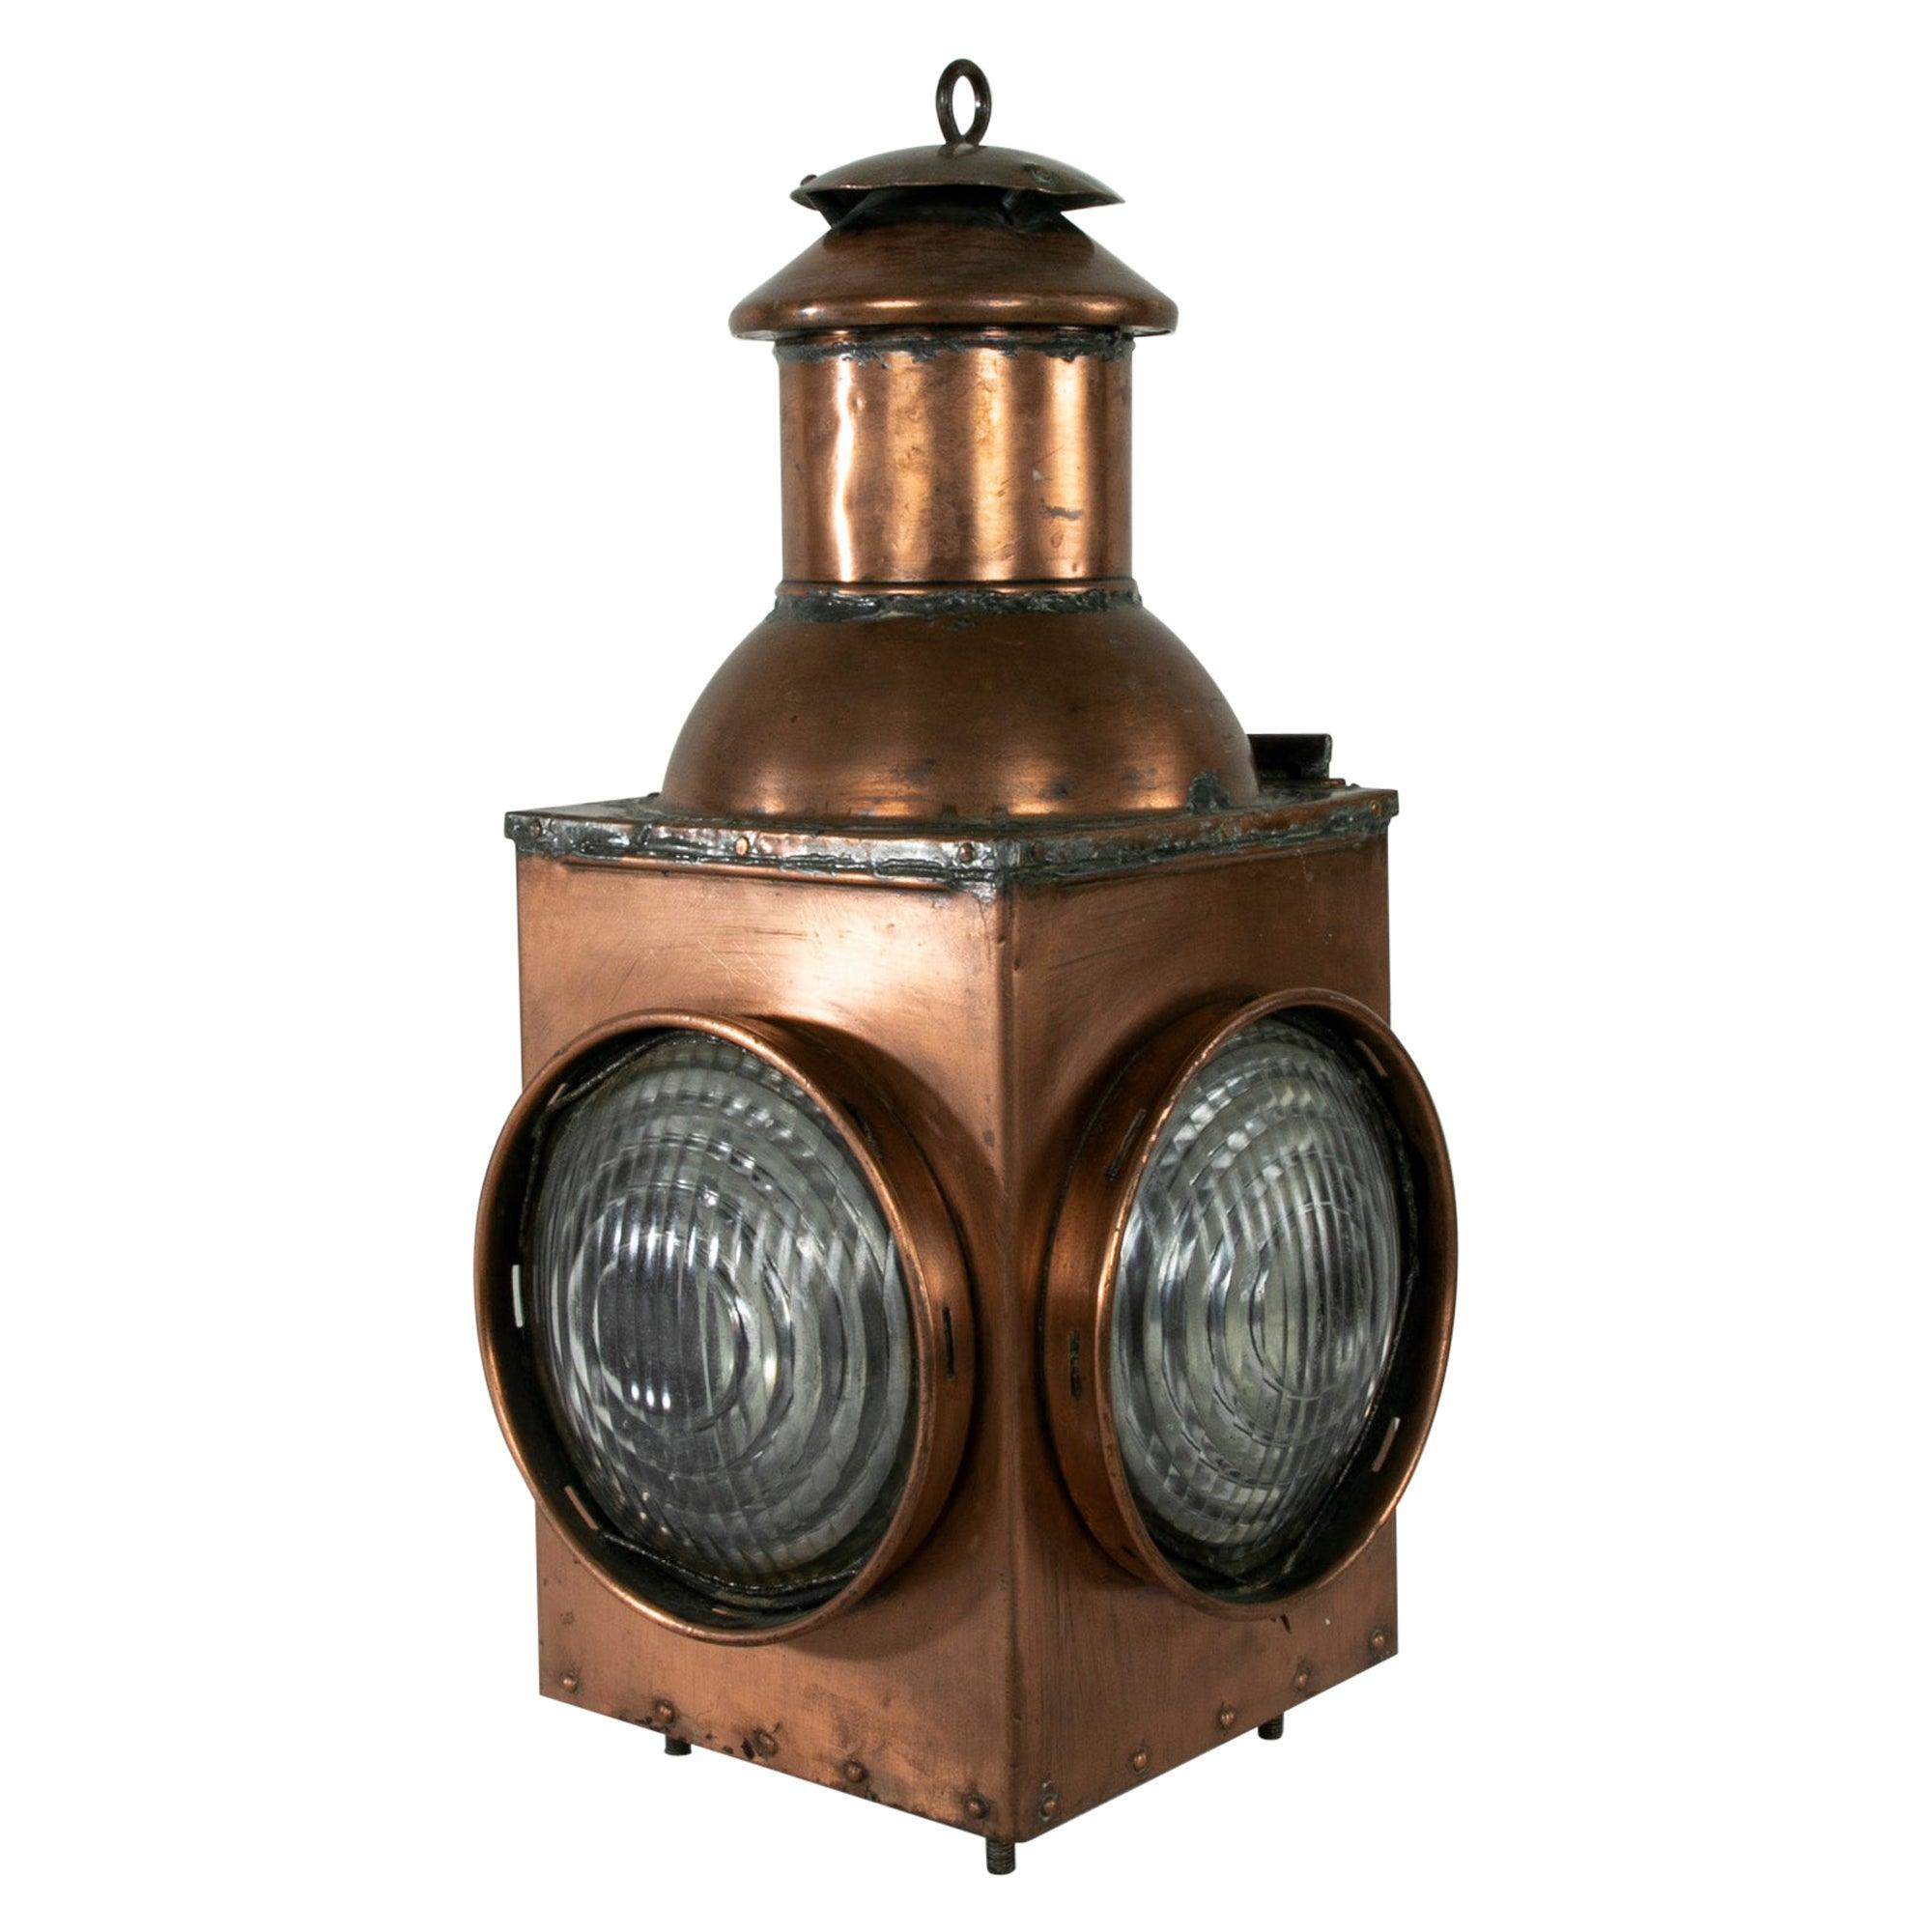 Late 19th Century French Copper Railroad Lantern